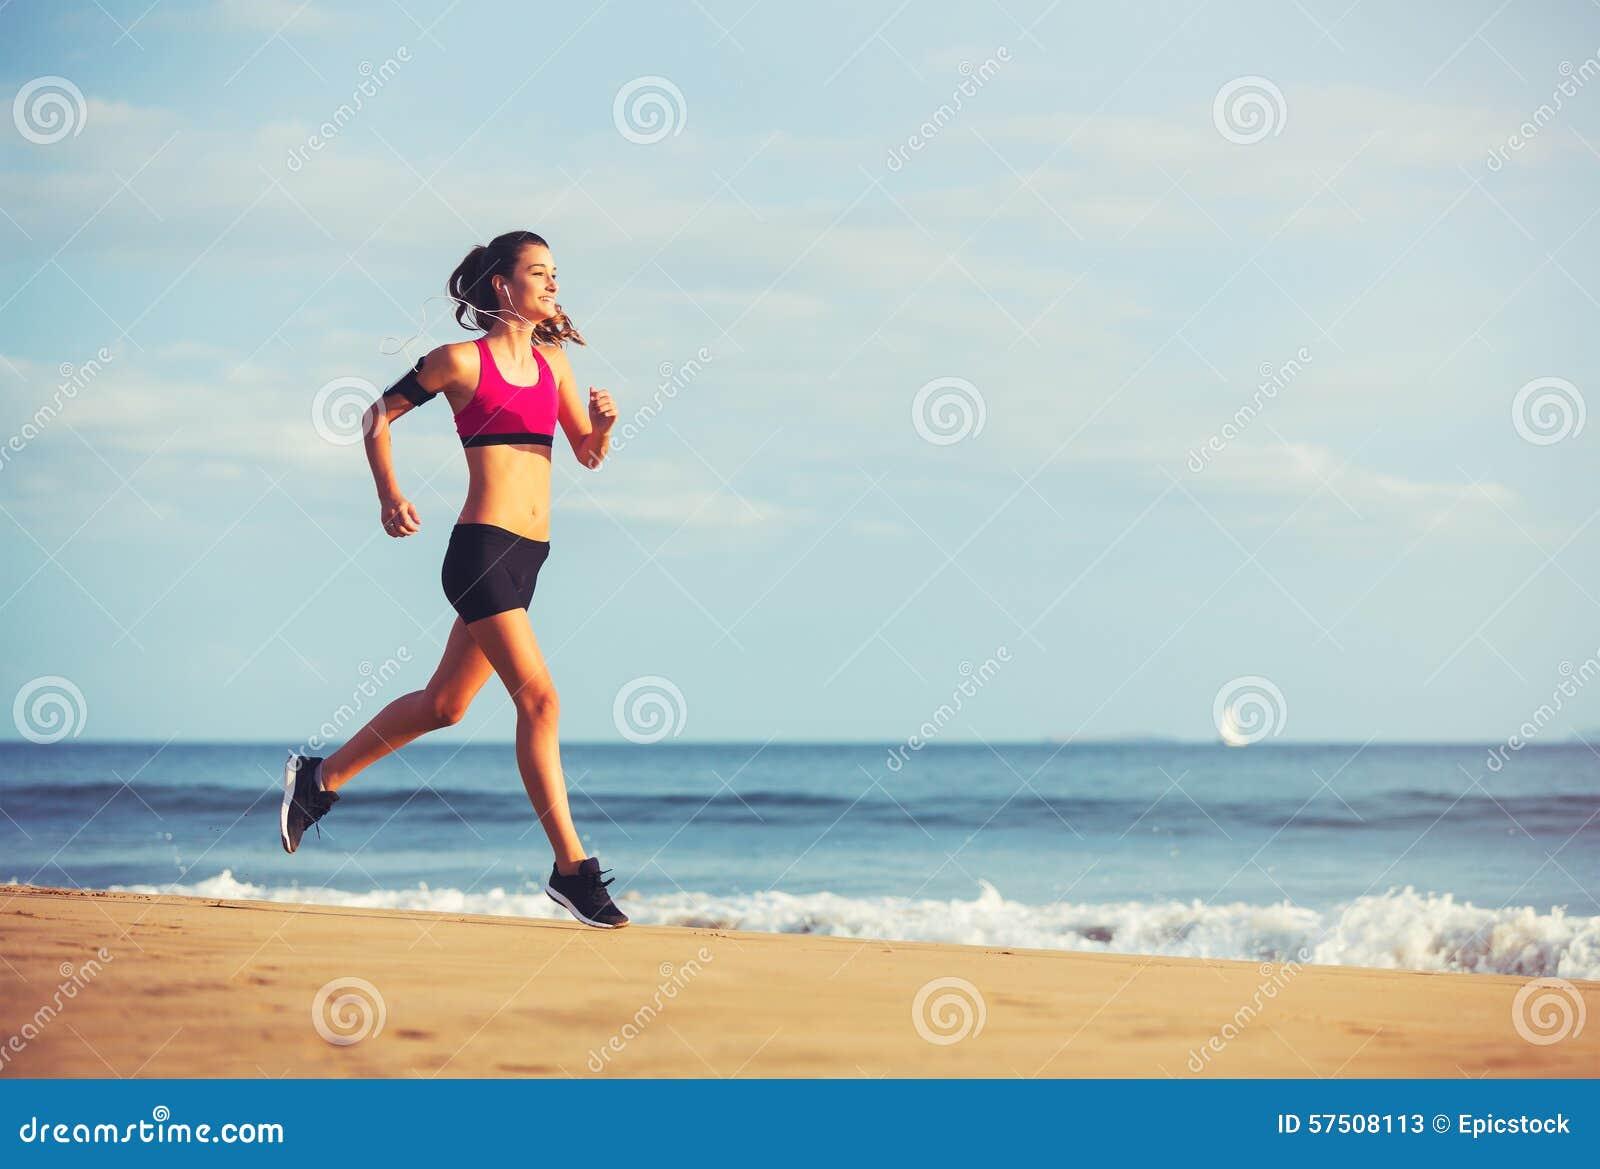 Sport sprawności fizycznej kobiety bieg na plaży przy zmierzchem